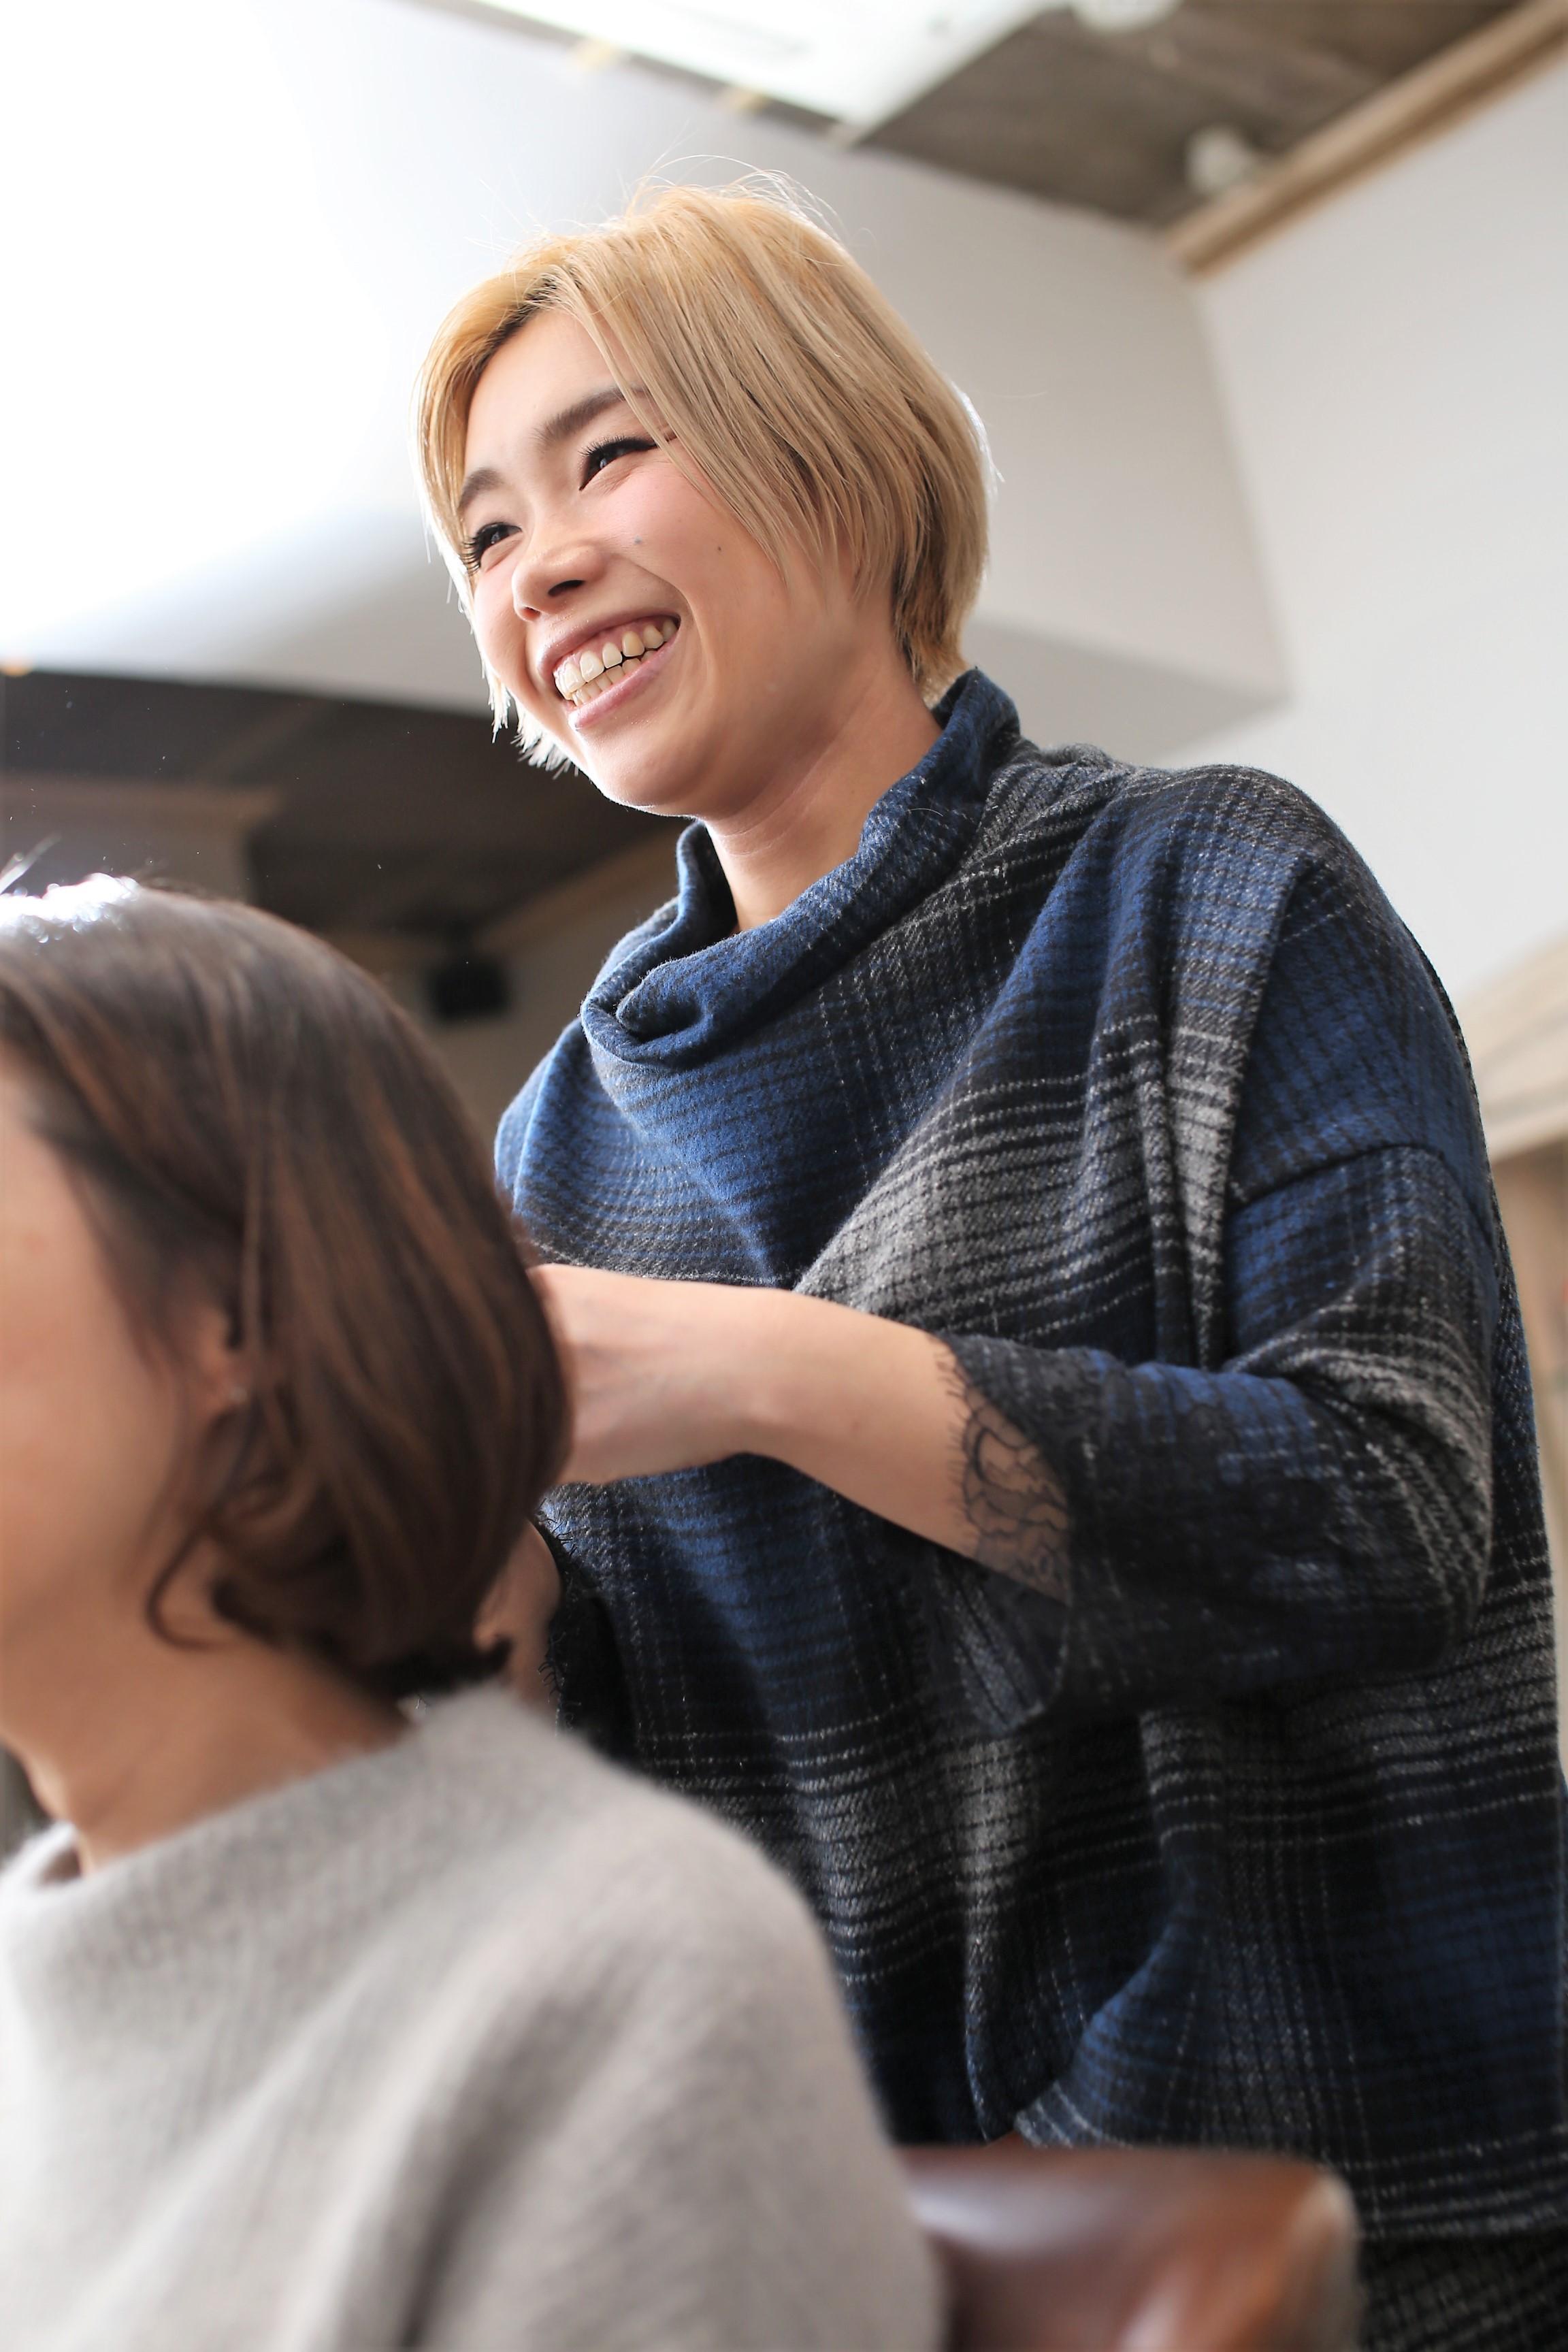 ママ美容師の山地キリコさん。現在は「r.e BY KOKOMO」で週5日、8:30~14:30(土曜は~16:00)まで働いている